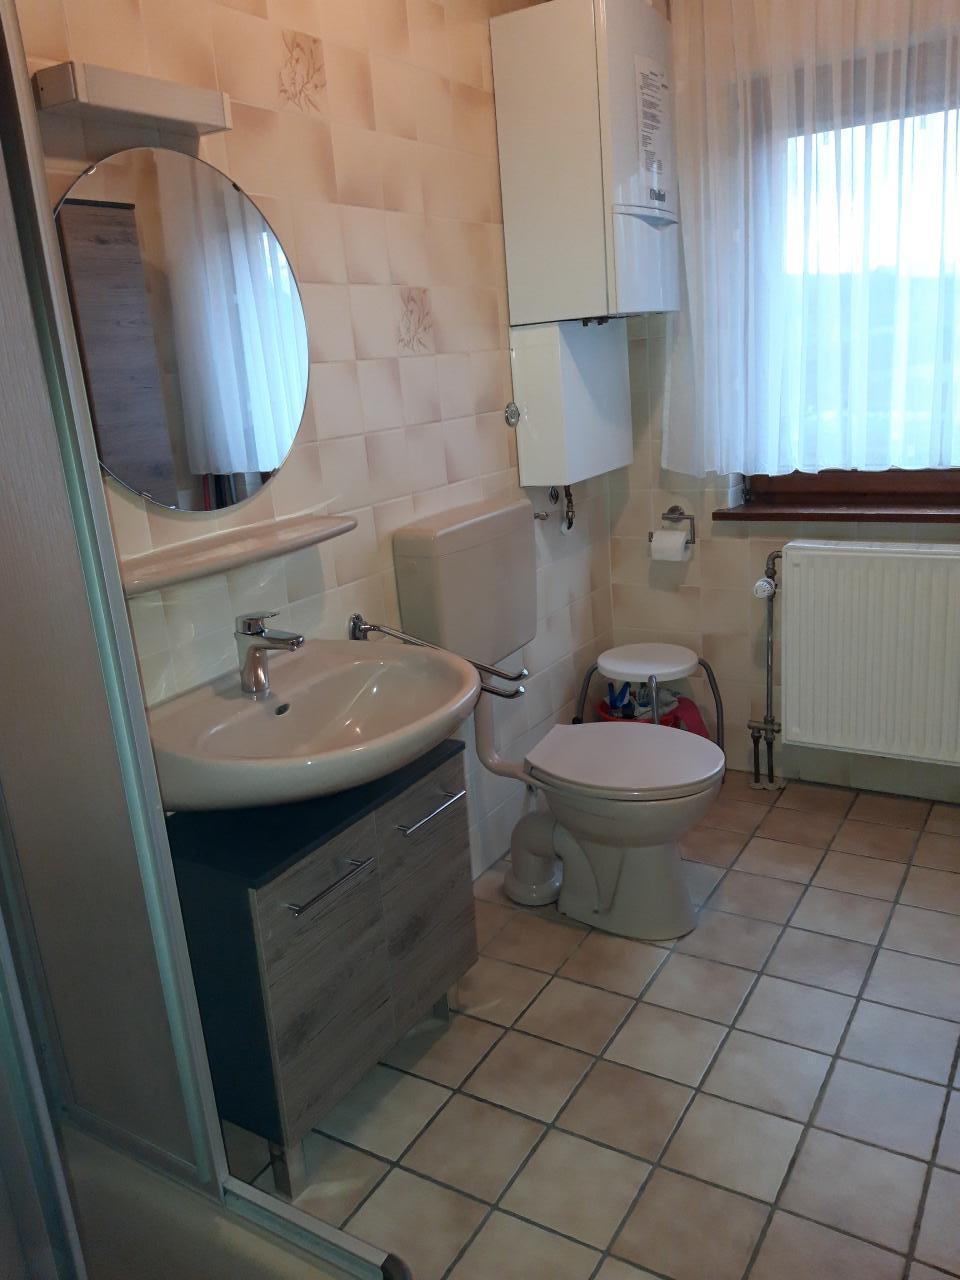 Ferienhaus Bungalow 6 neu renoviert für 4-6 Personen in der Rhön Residence Bungalows (757461), Dipperz, Rhön (Hessen), Hessen, Deutschland, Bild 17